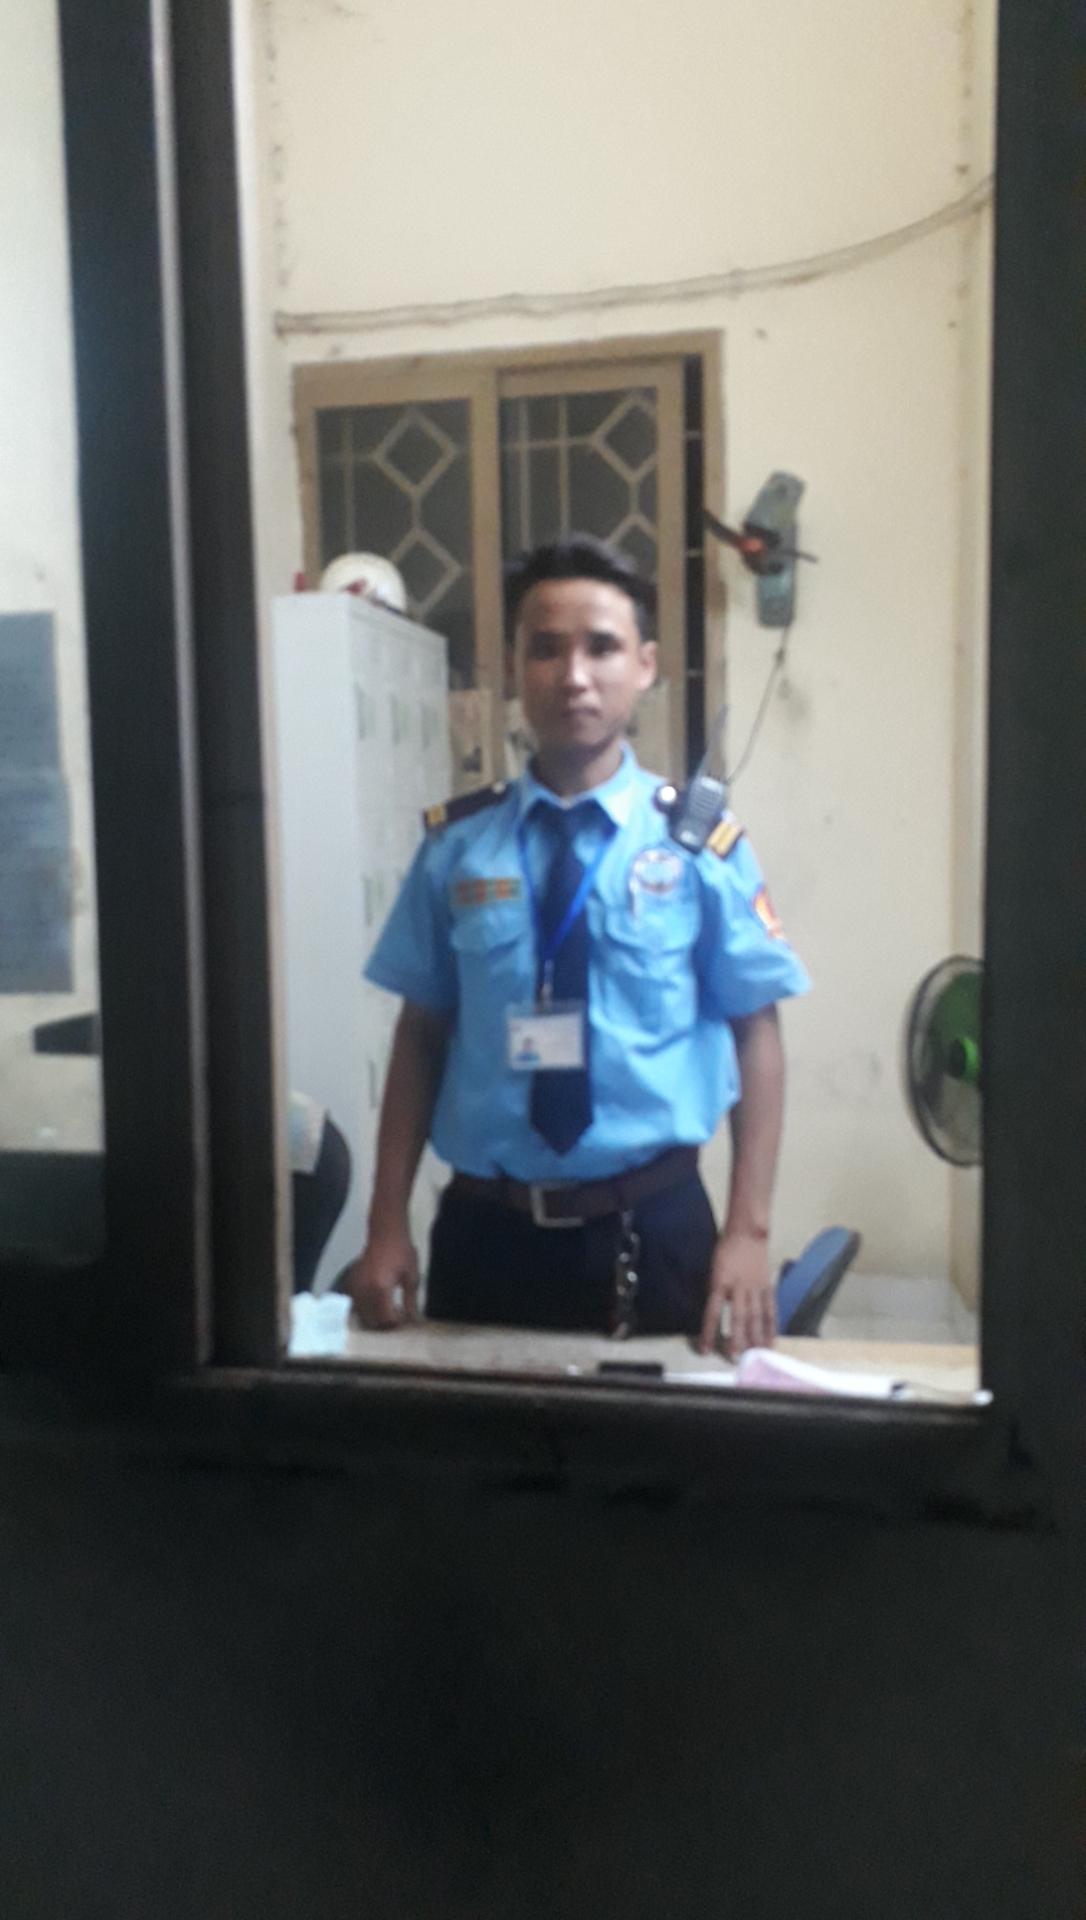 Dịch vụ bảo vệ chuyên nghiệp tại Cần Thơ